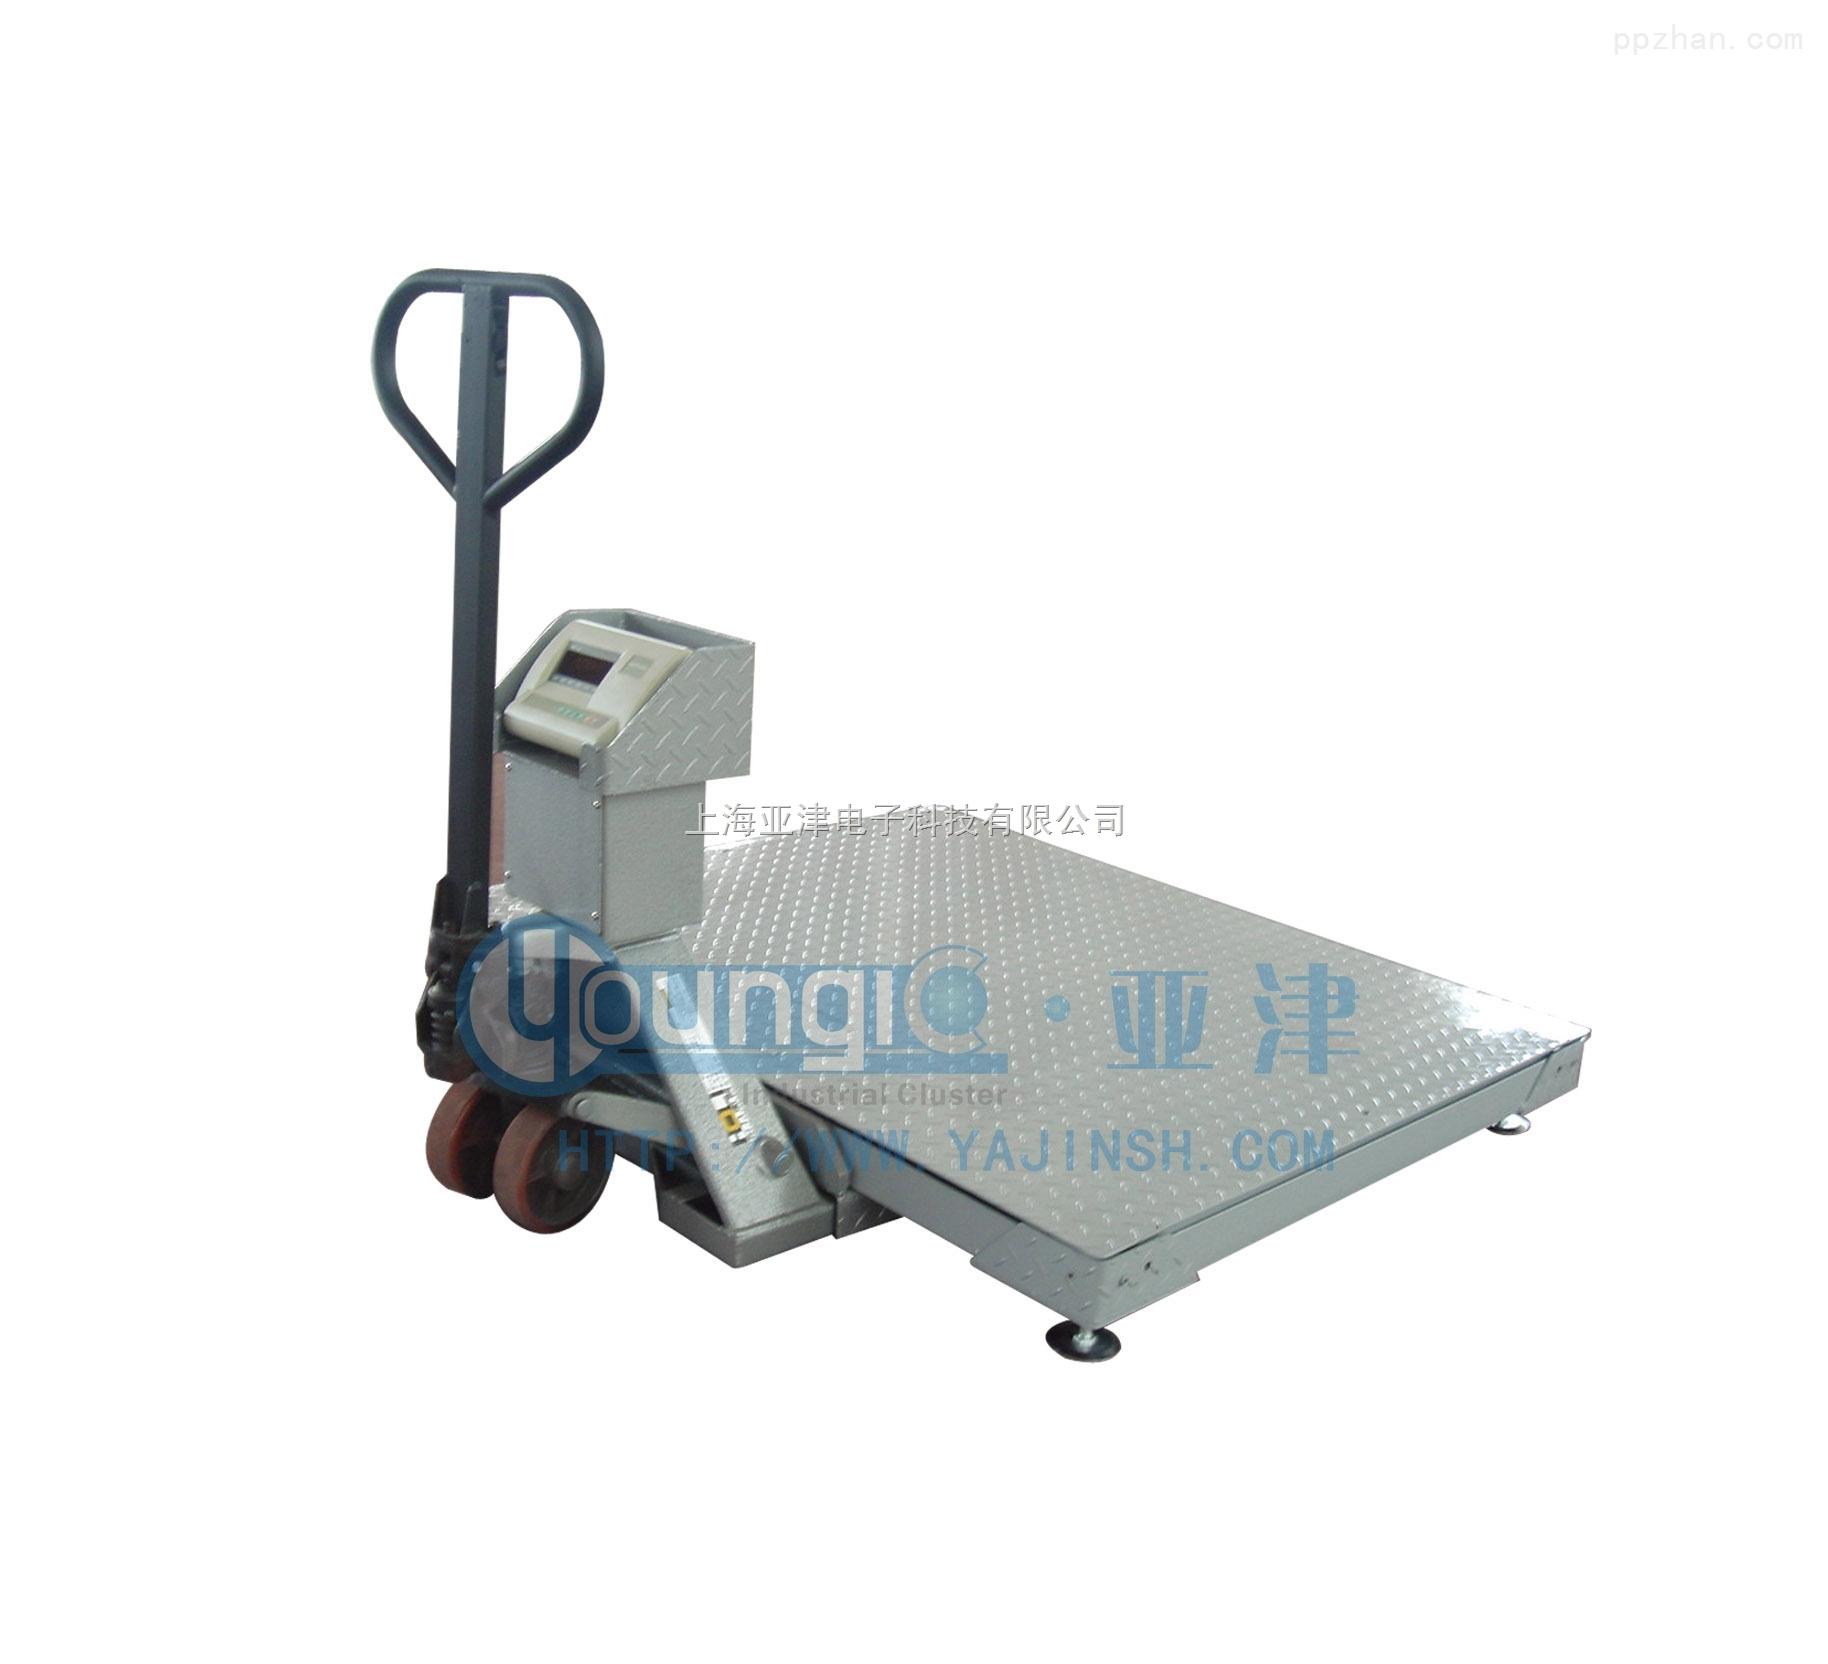 上海地磅工厂 供应大宗货物搬运叉车移动地磅